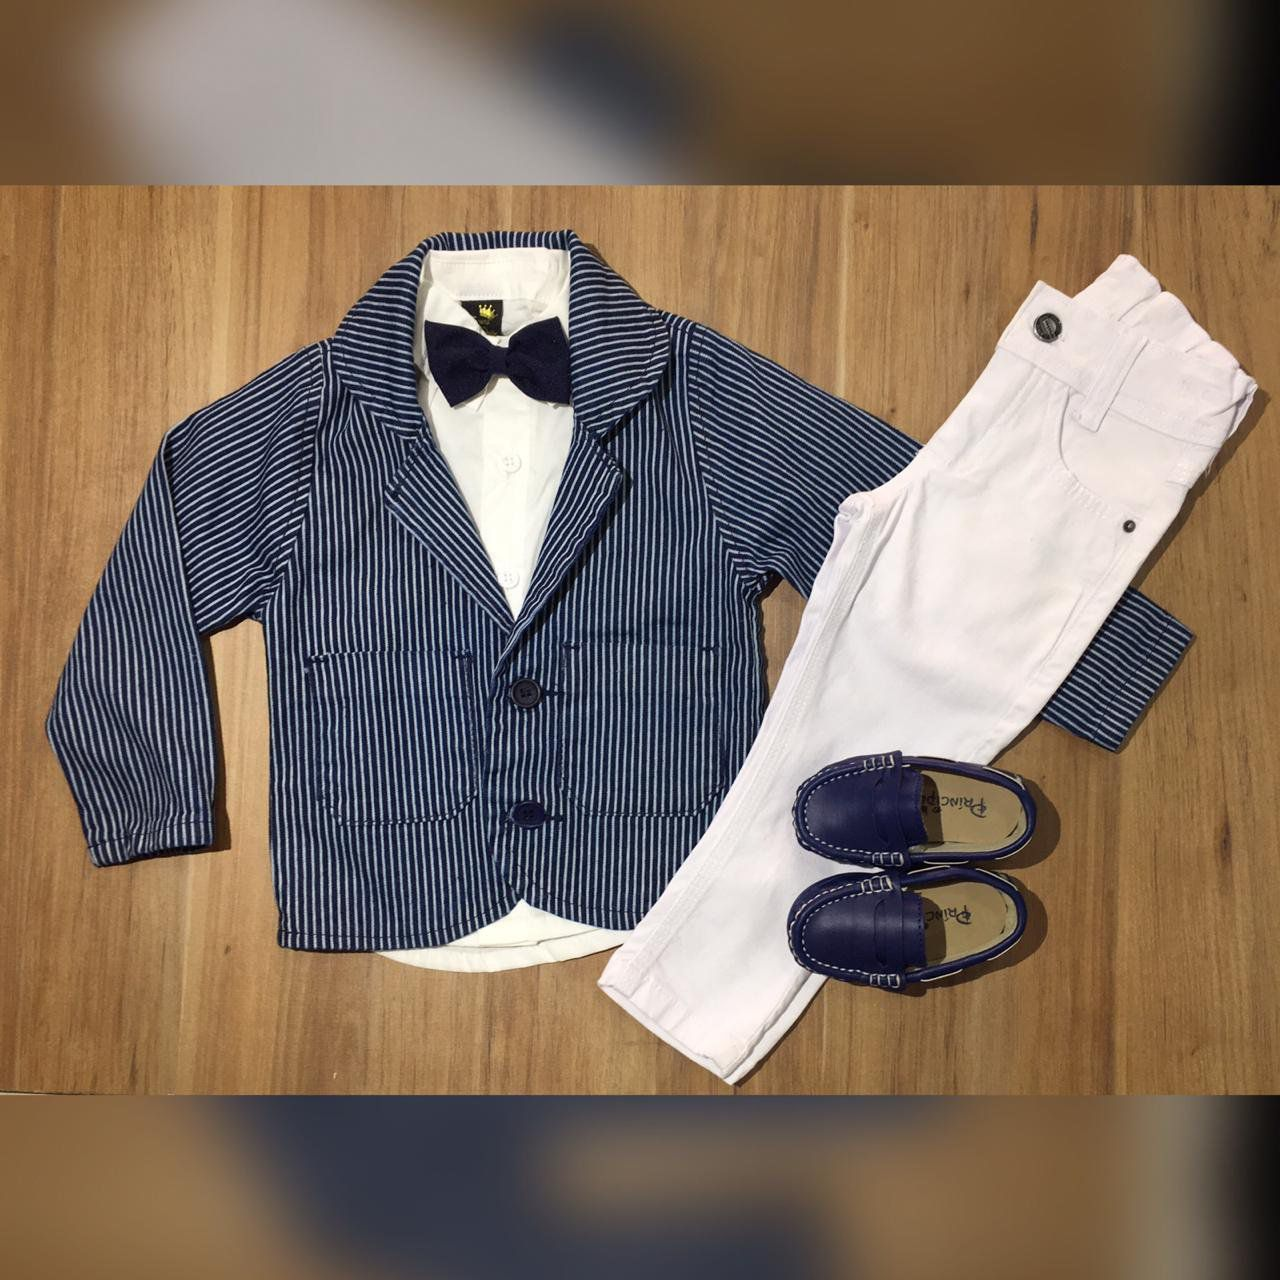 Calça Branca com Camisa e Gravata mais Blazer Risca de Giz